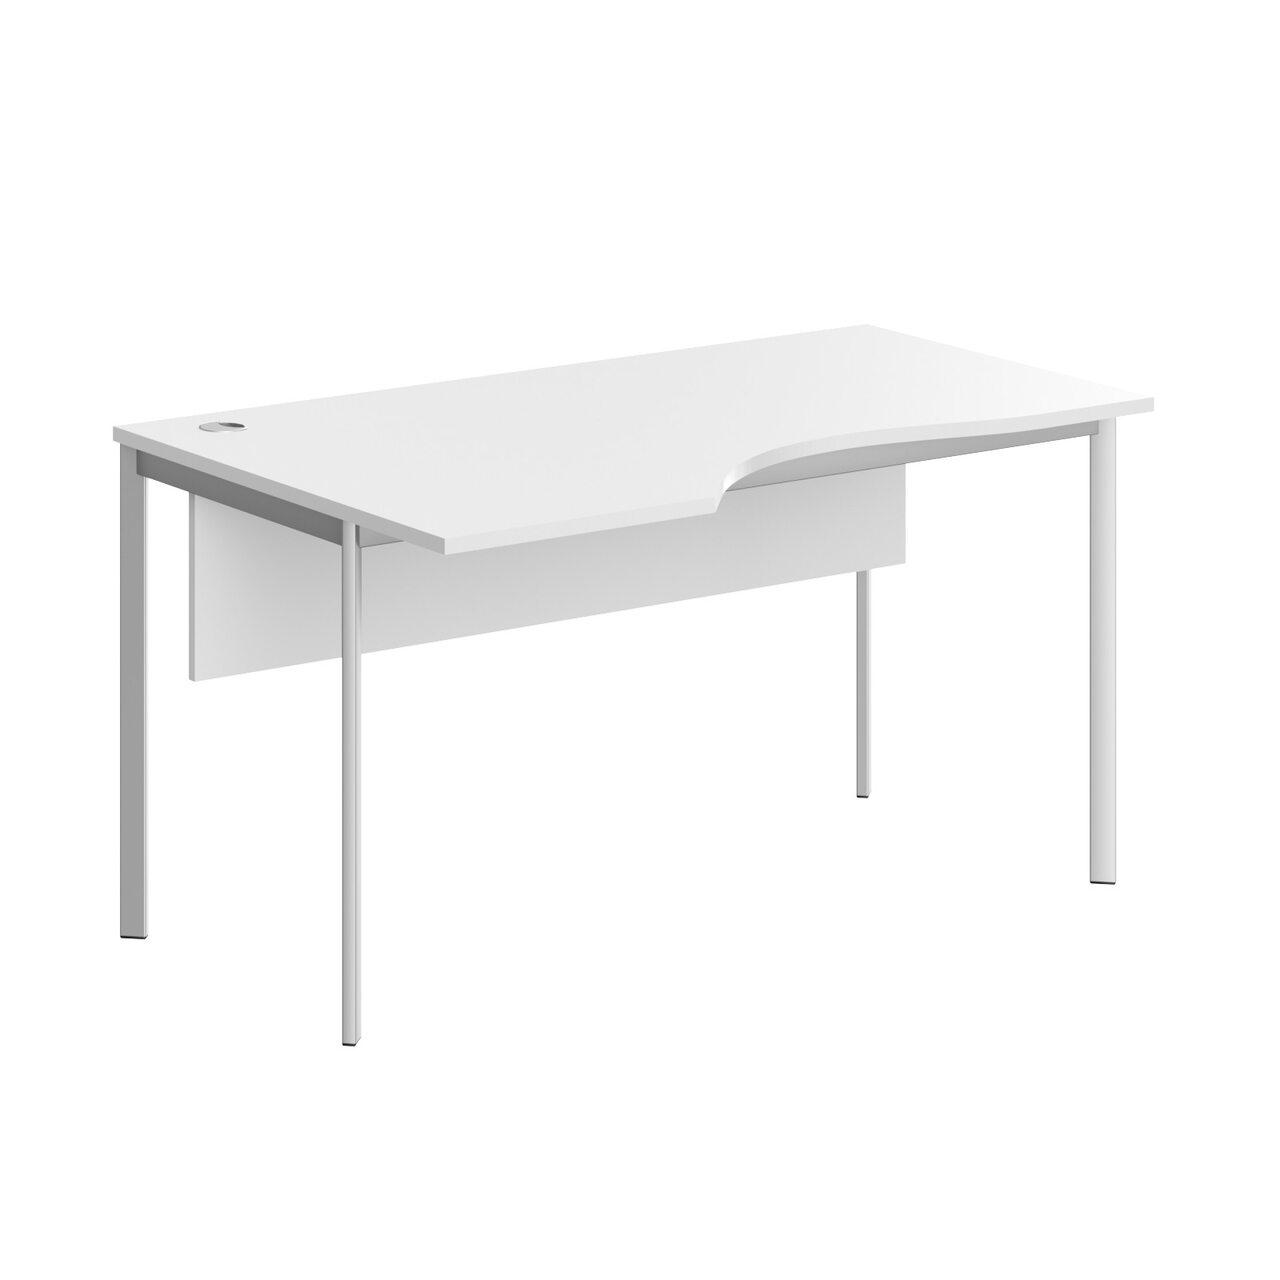 Стол эргономичный с фронтальной панелью  IMAGO-S 140x90x76 - фото 2